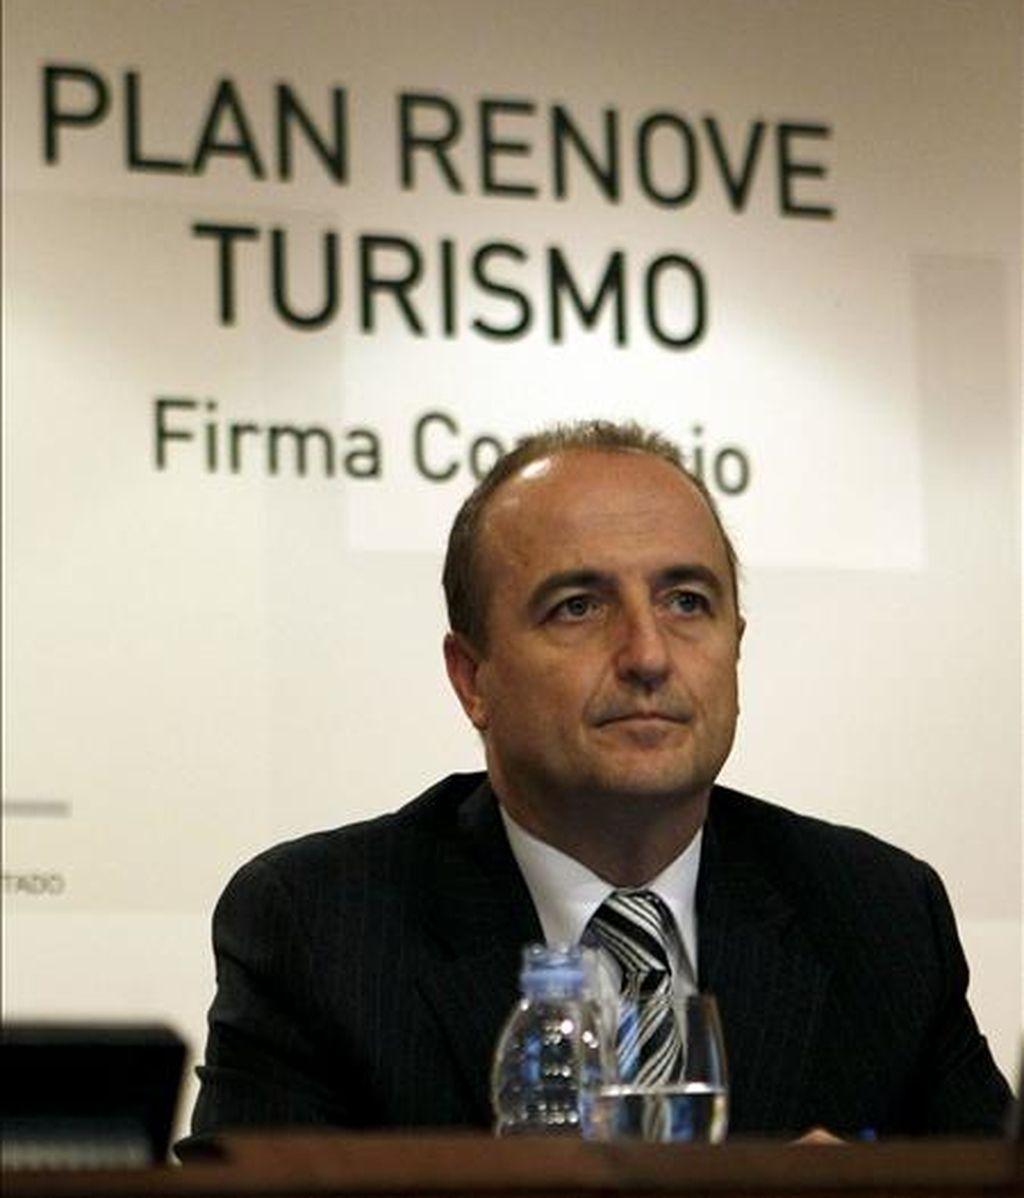 El ministro de Industria, Turismo y Comercio, Miguel Sebastián, presidió en Madrid la firma del Convenio con el ICO para instrumentar la Línea de Financiación del Plan Renove de Turismo 2009. EFE/Archivo